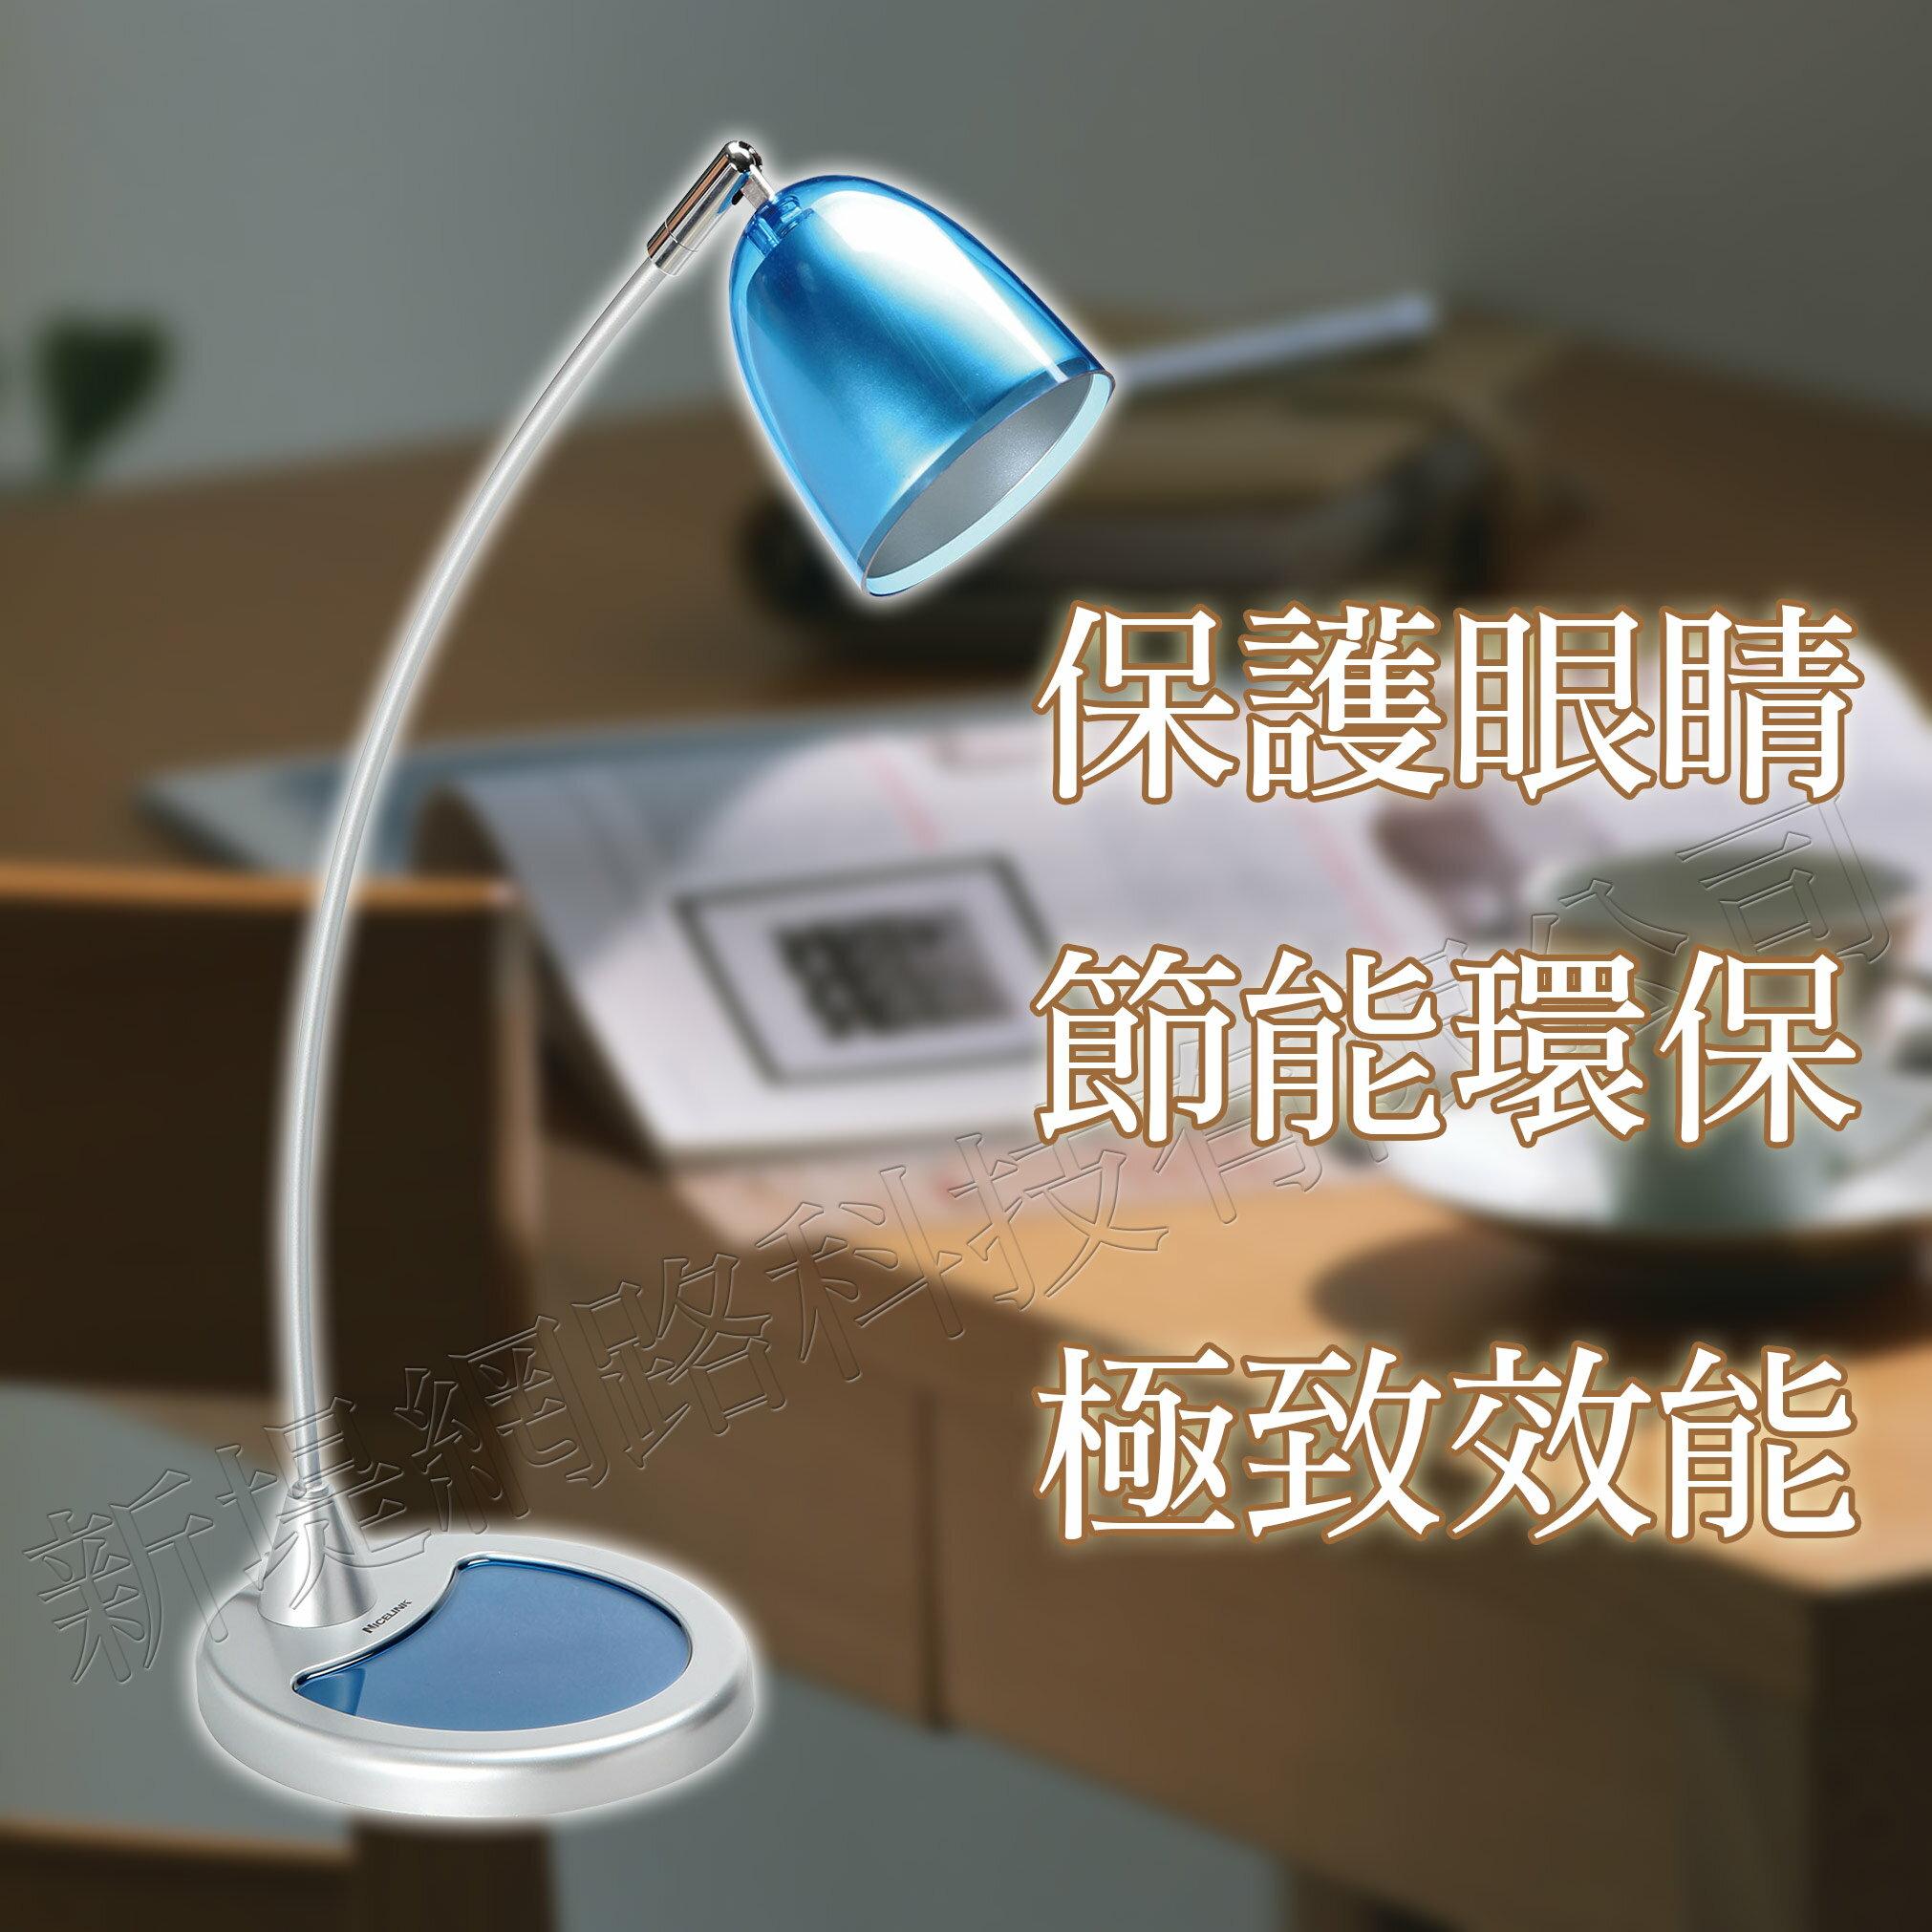 【出清促銷*免運】耐司林克 NICELINK TL-210E3 LED 節能檯燈(水晶藍/水晶銀)